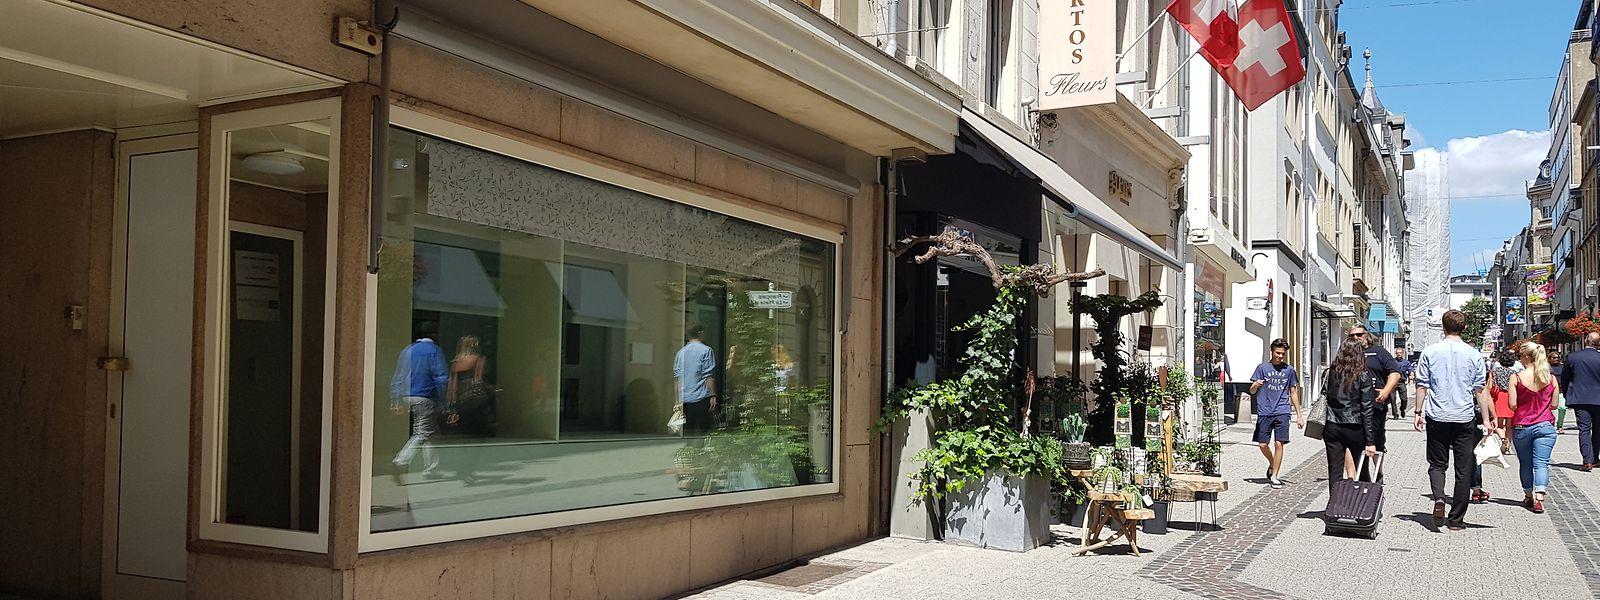 Nachmieter gesucht: Ob Nobelboutiquen, Schmuckläden oder internationale Marken - zahlreiche Geschäfte in der Innenstadt haben ihre Türen geschlossen.